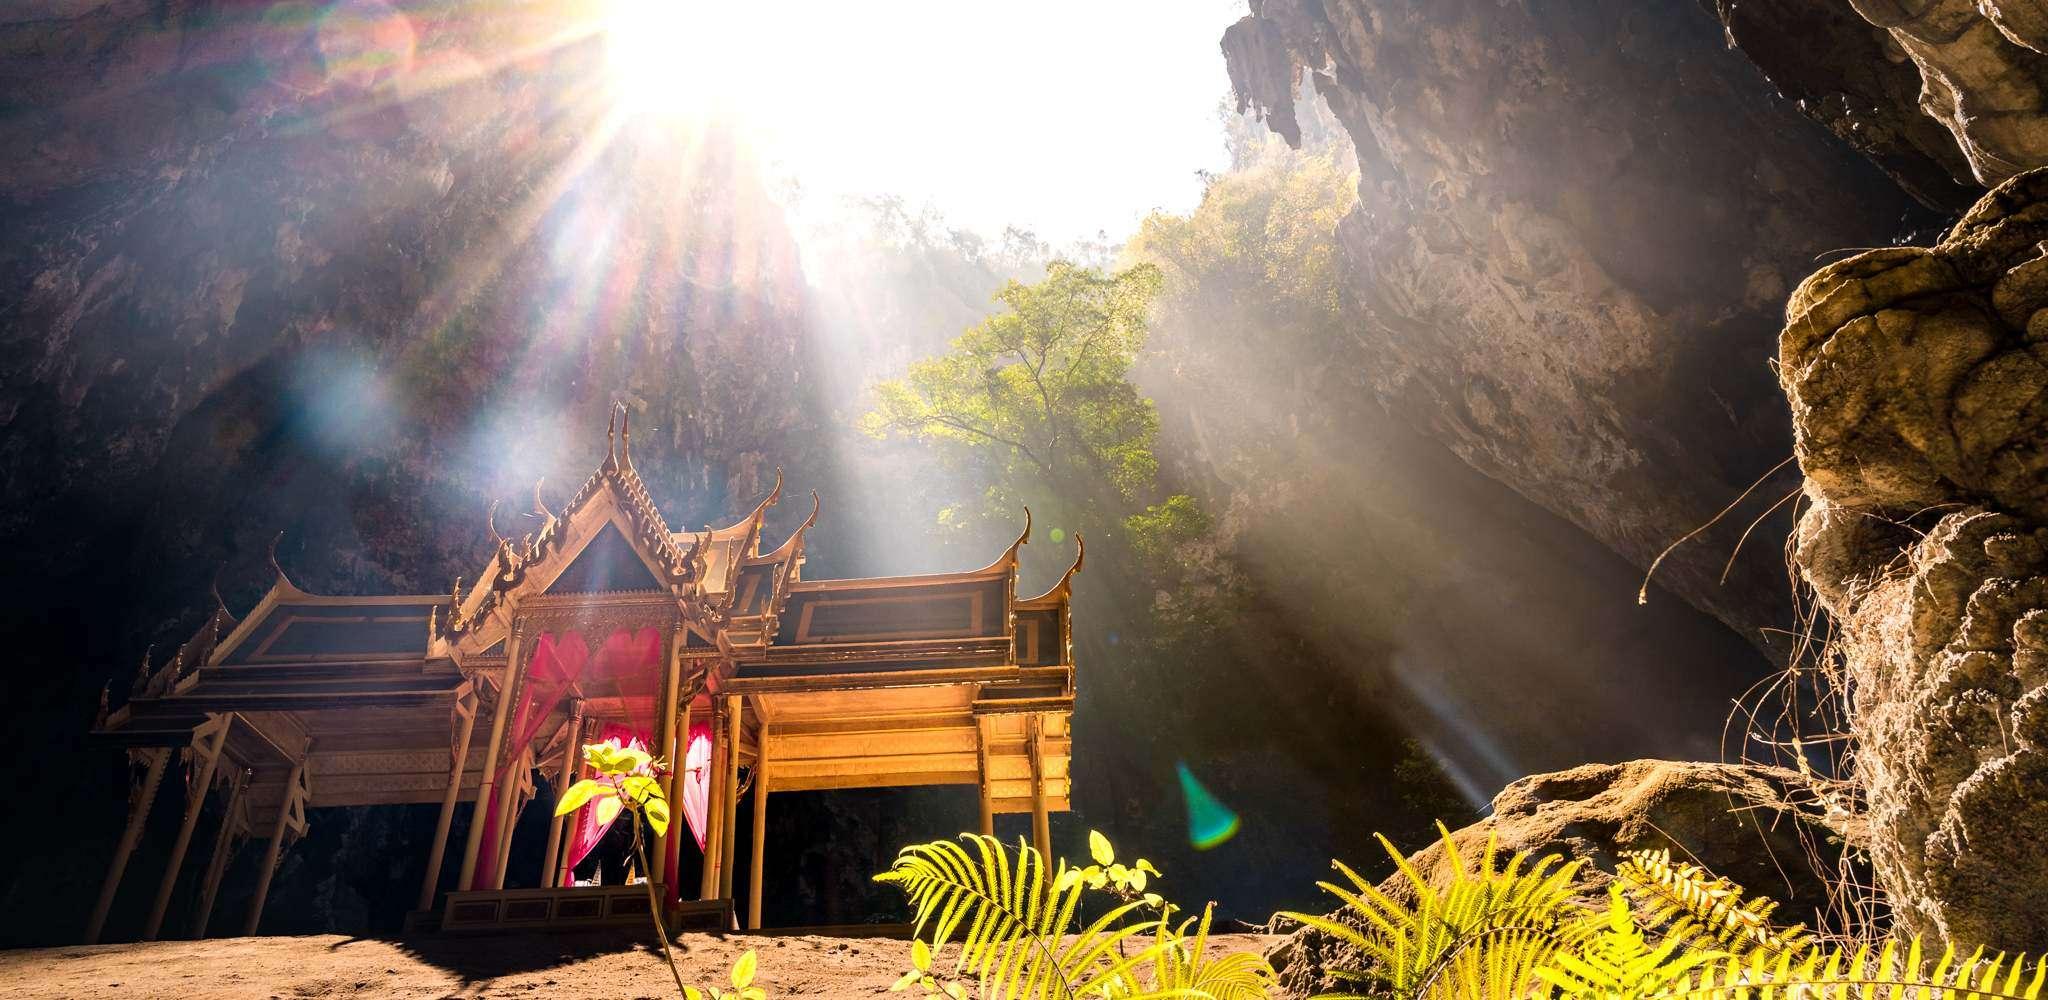 Phraya Nakhon Cave near Khao Sam Roi Yot National Park